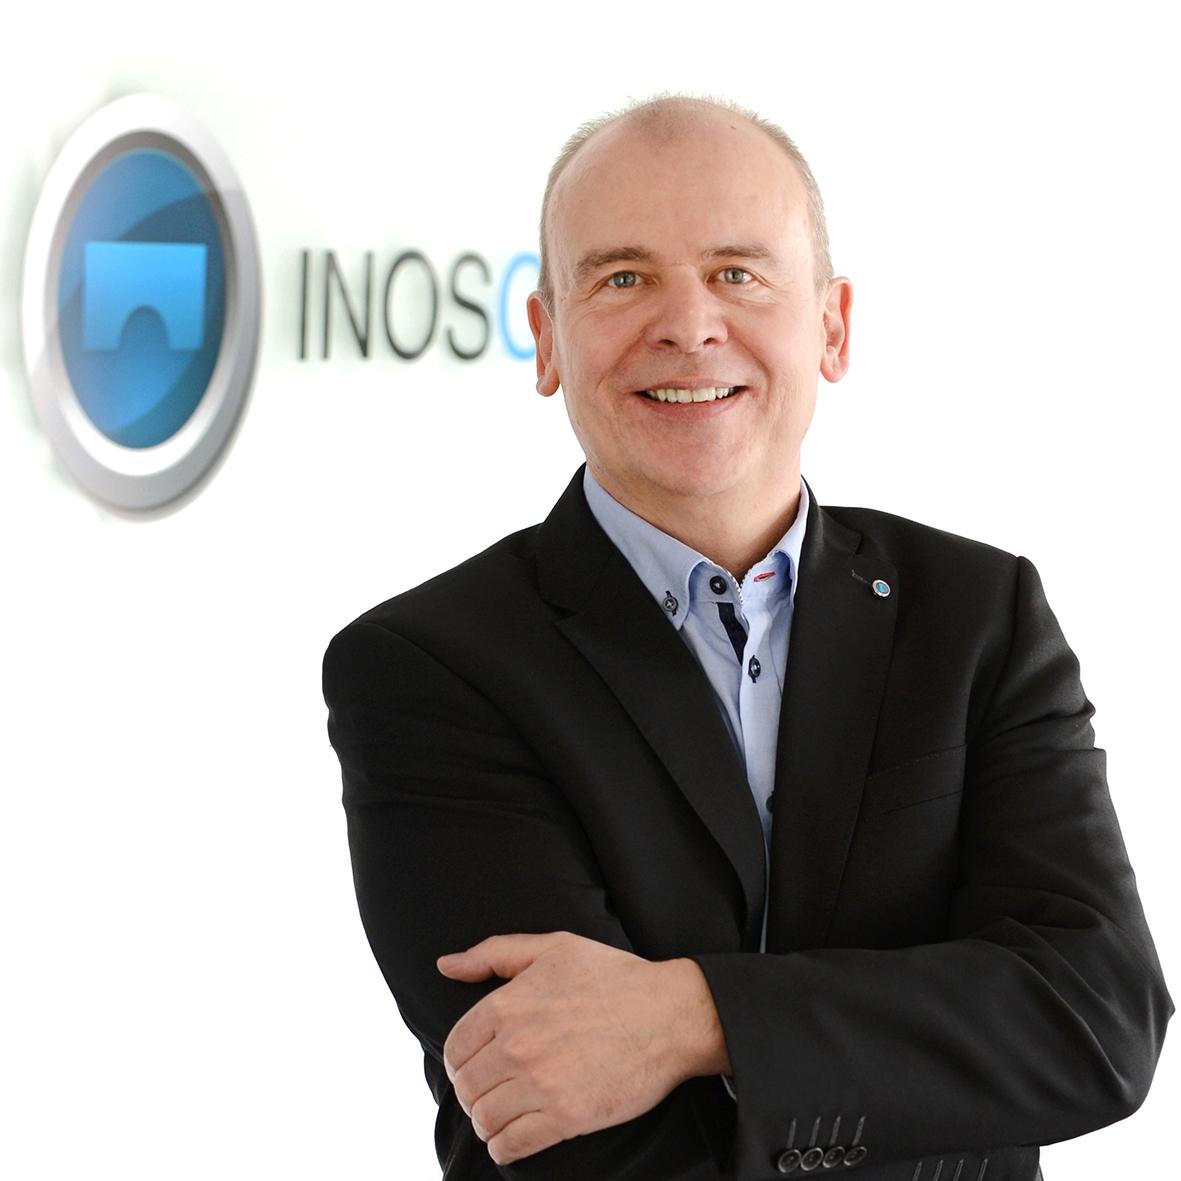 Stefan Niermann, Vertriebsingenieur, Inosoft GmbH (Bild: Inosoft GmbH)